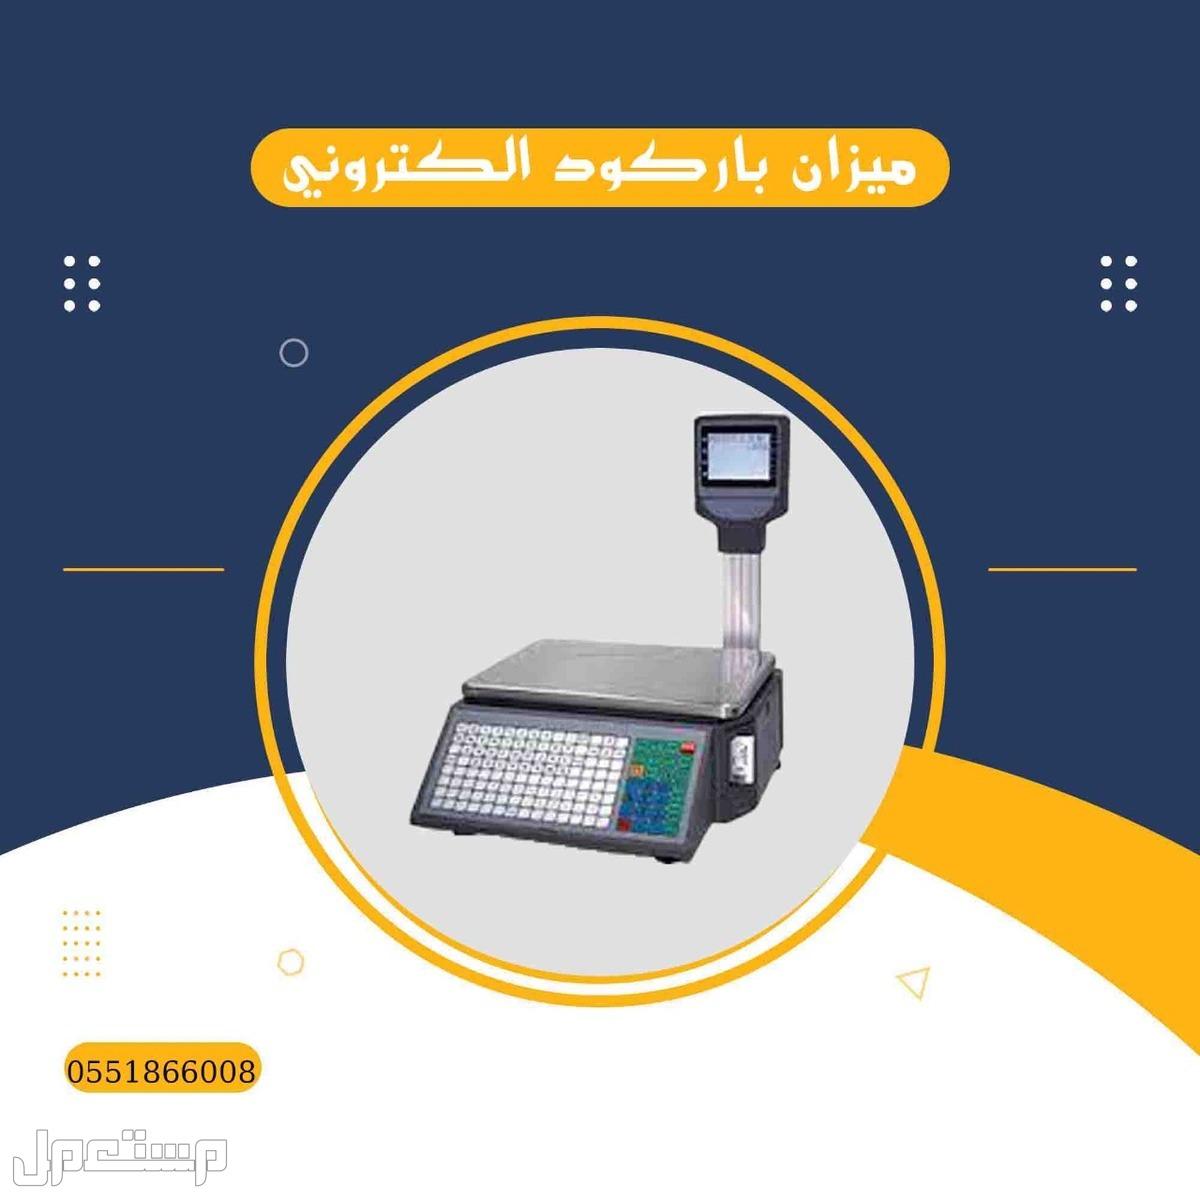 ميزان باركود الكتروني منتج مميز لأصحاب ومديري المحلات التجارية والسوبر مارك